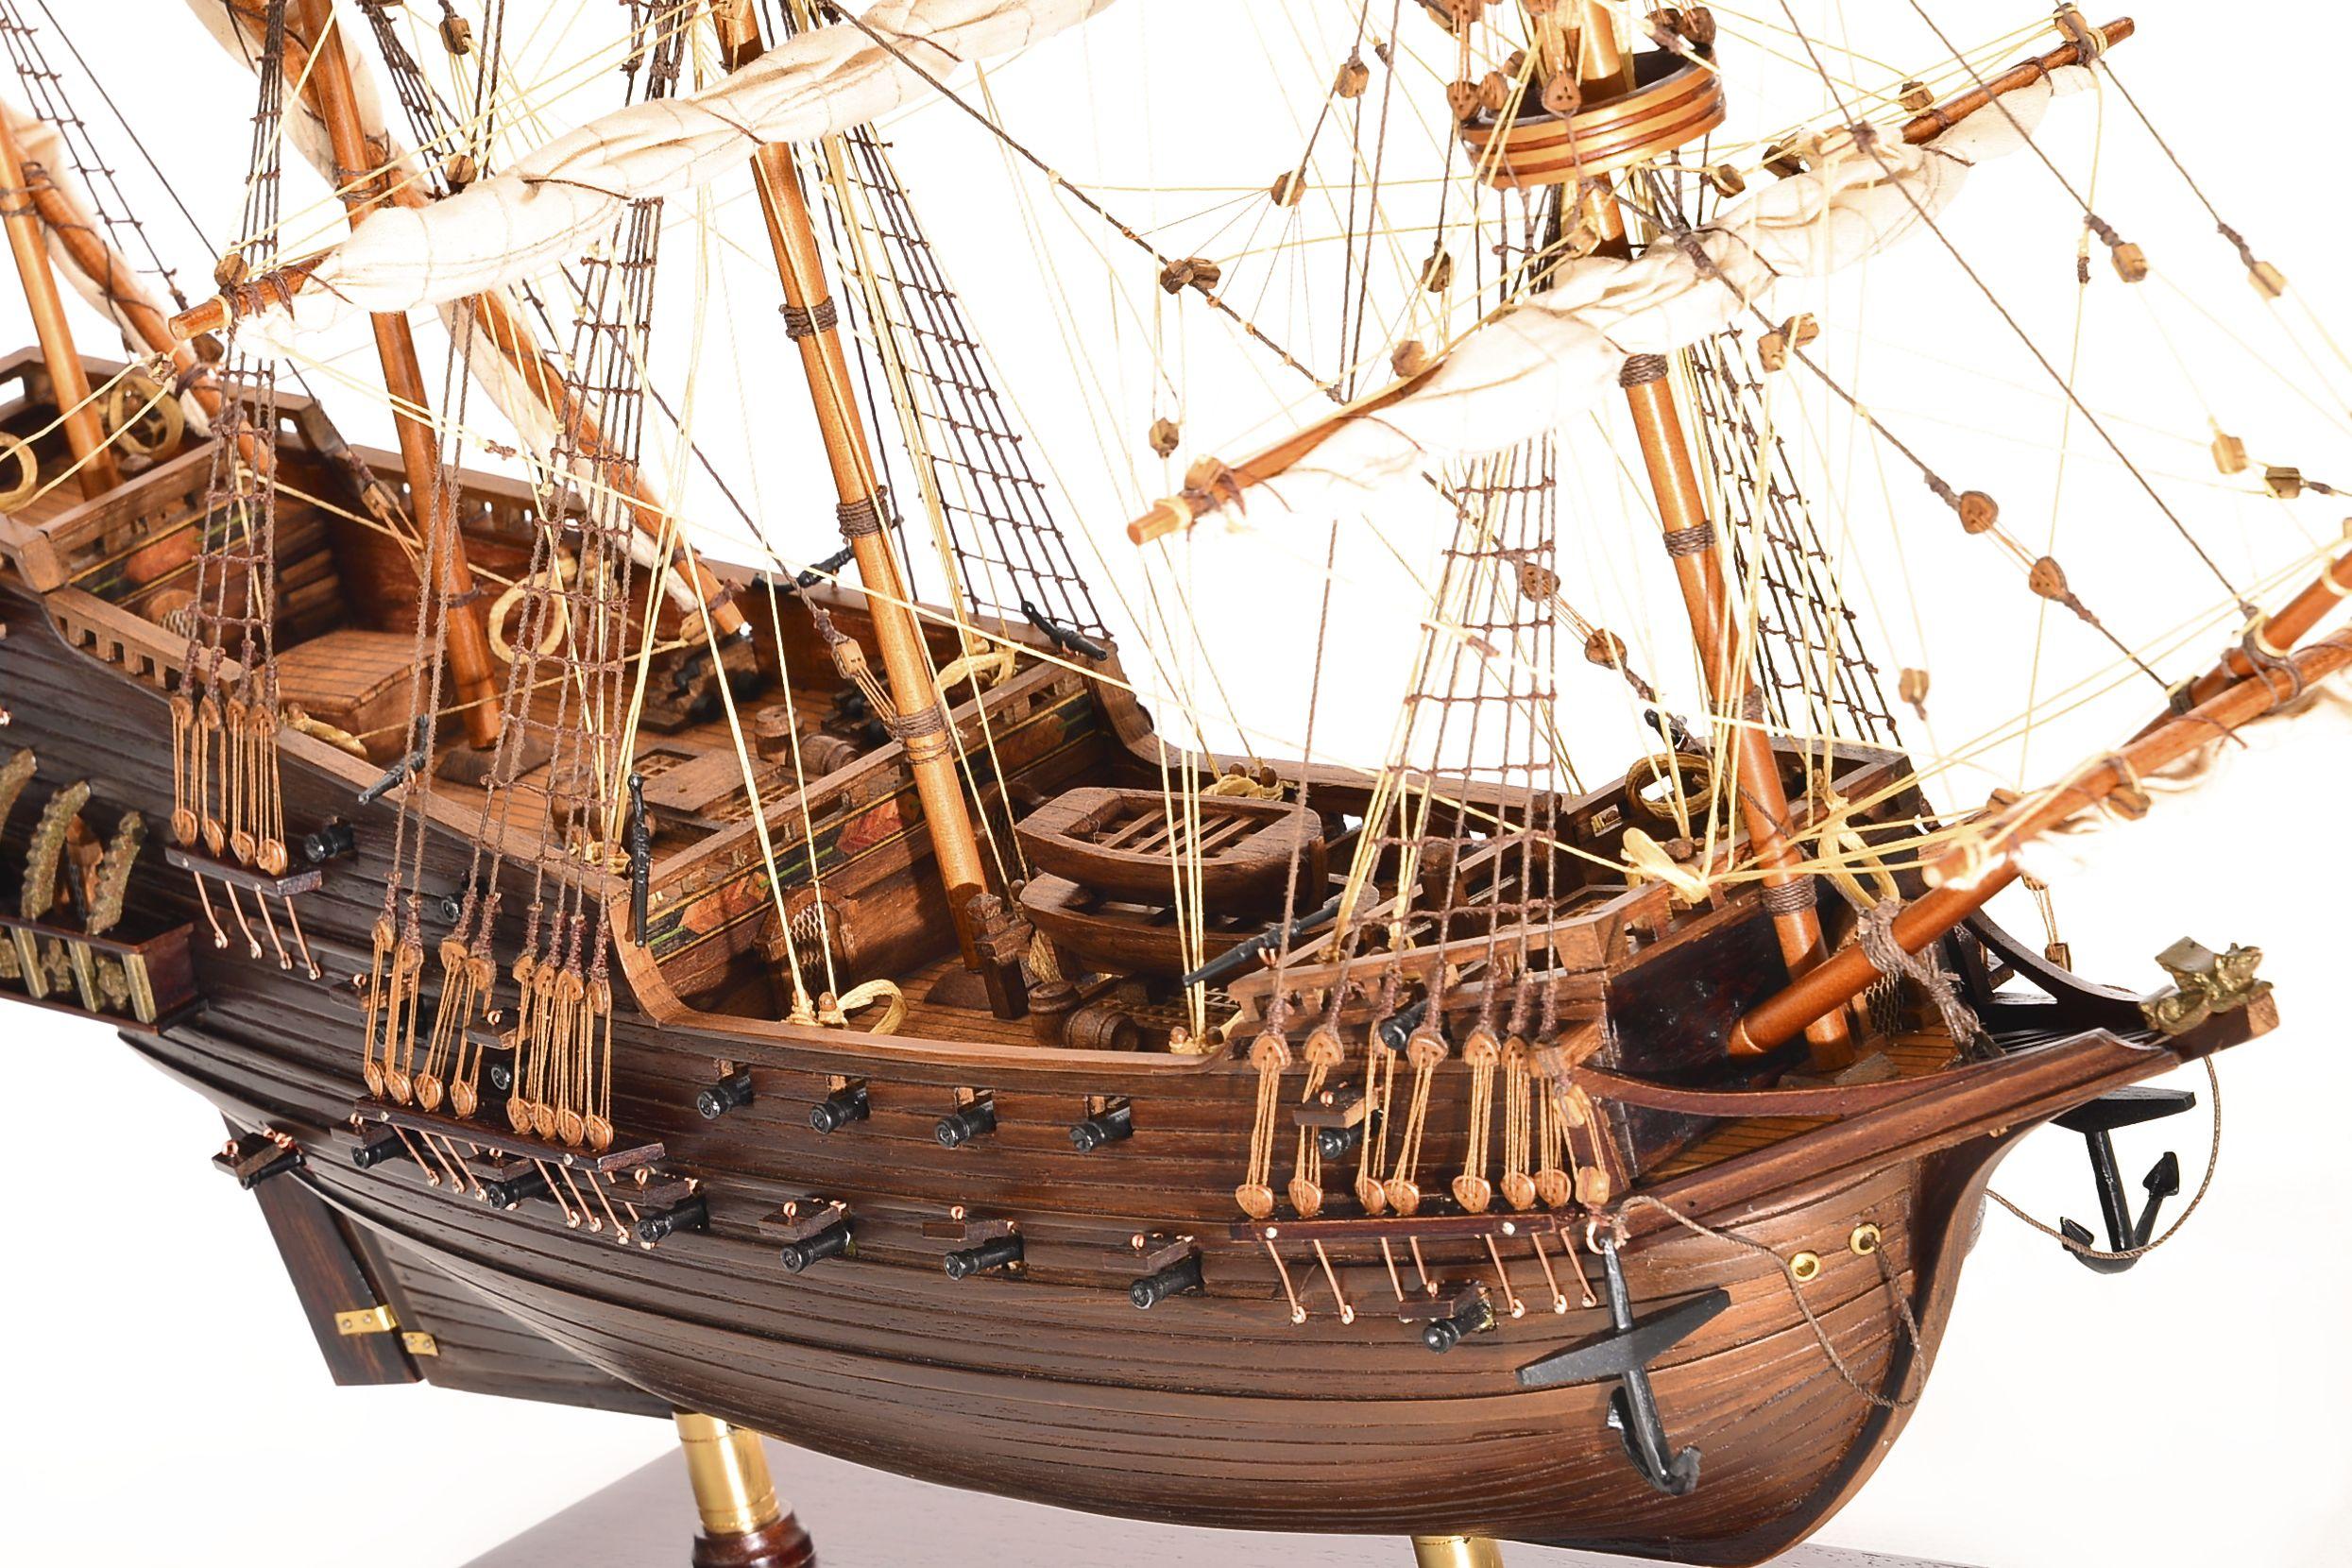 1803-10770-Hms-Revenge-Model-Ship